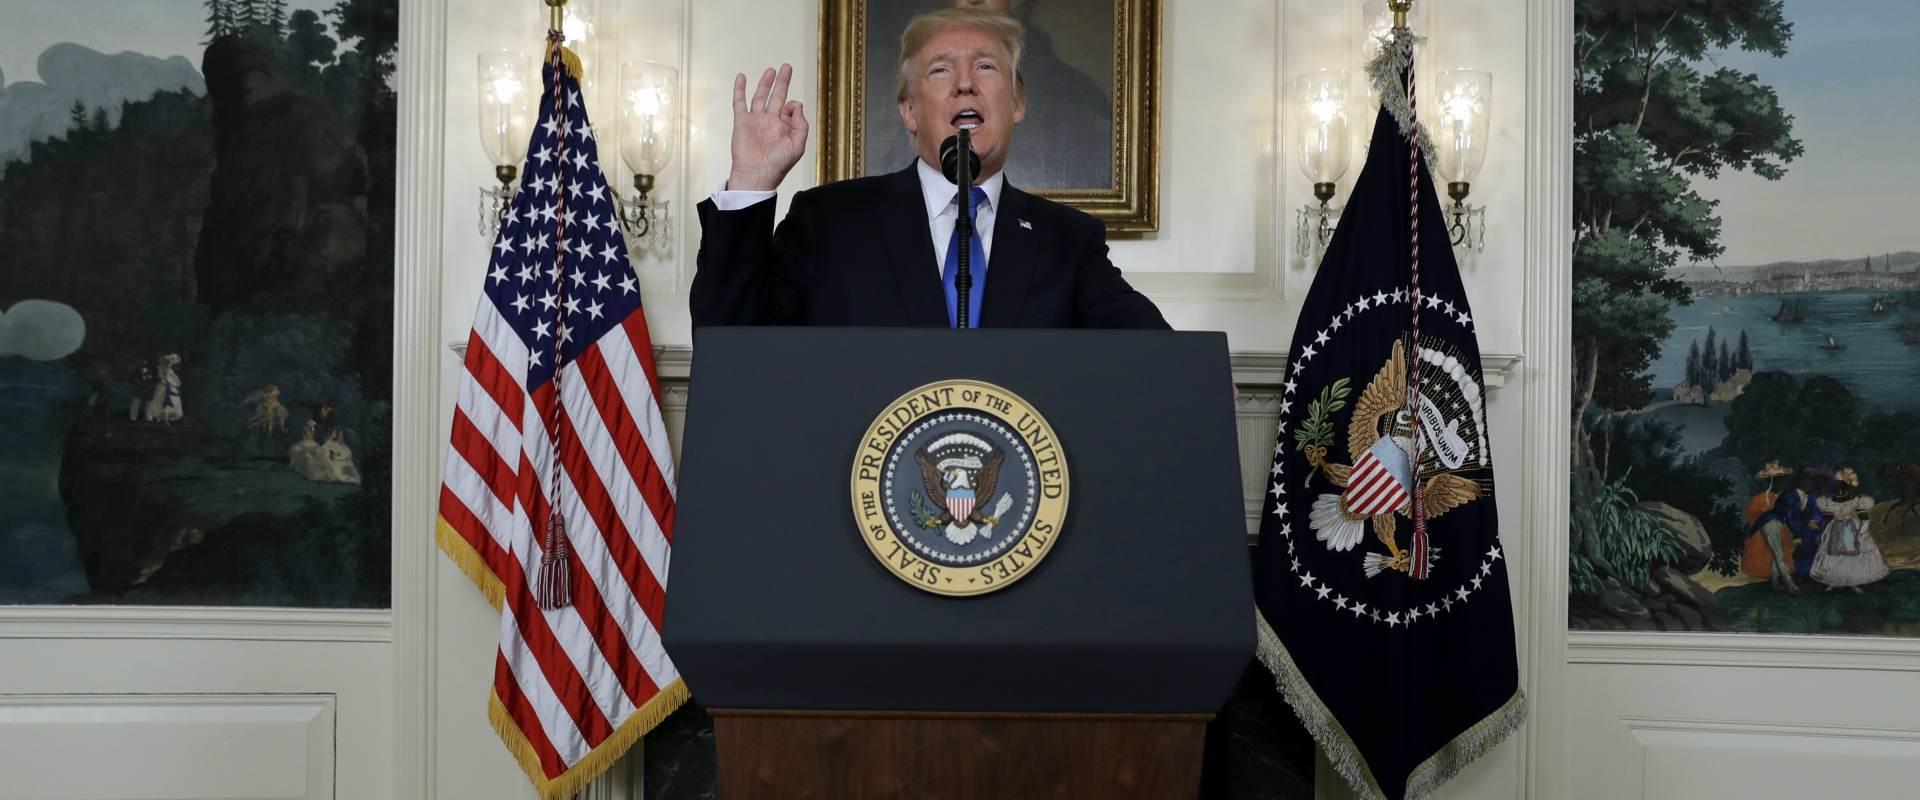 הנשיא טראמפ בבית הלבן